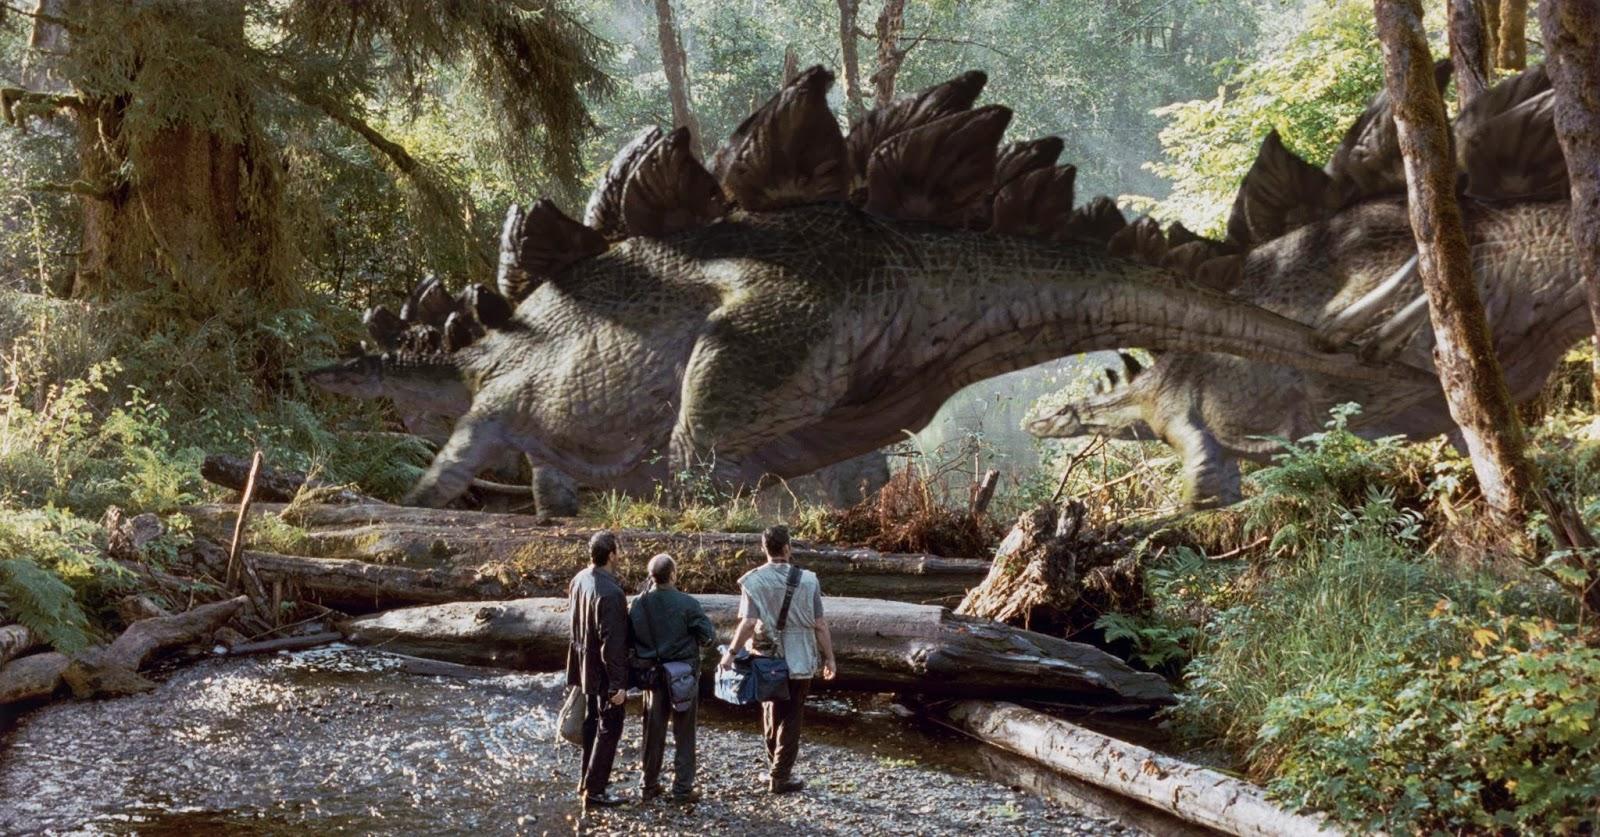 Świat dinozaurów, Bond w spódnicy i trzęsienie ziemi - złap bilet do kina!